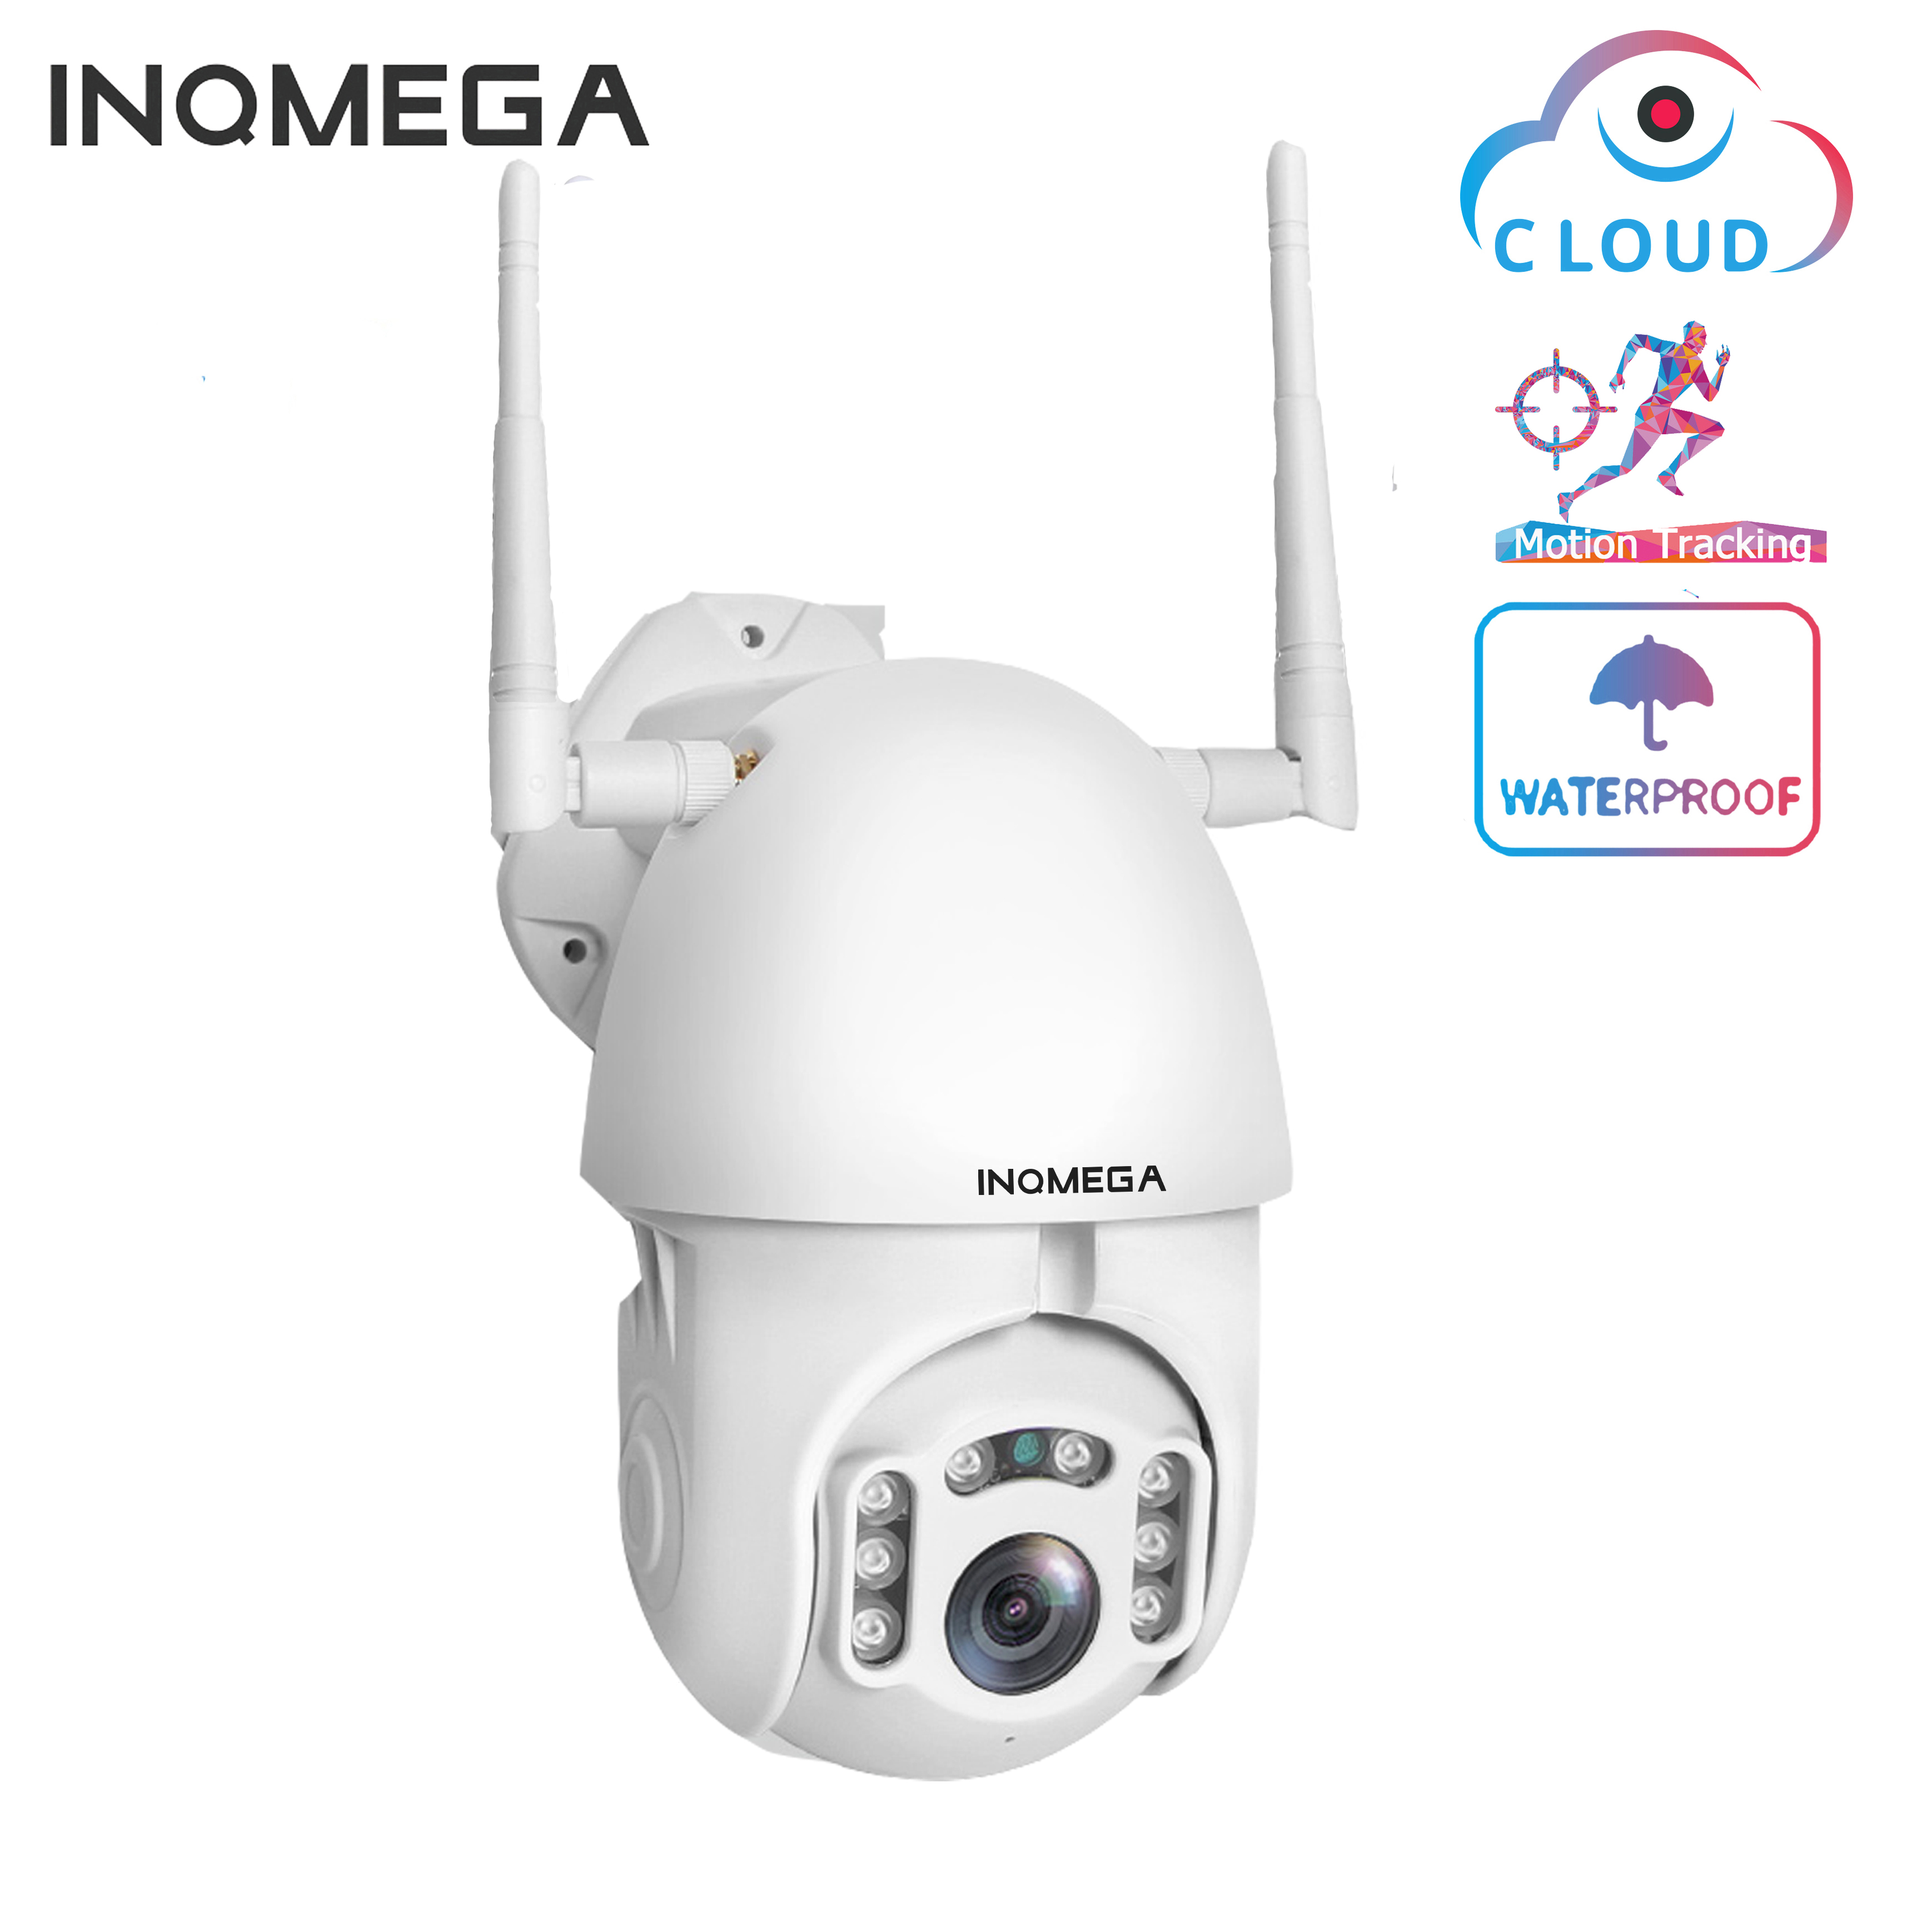 1744.15руб. 42% СКИДКА|INQMEGA 1080P IP камера WiFi Беспроводная с автоматическим отслеживанием PTZ скоростная купольная камера наружного видеонаблюдения Водонепроницаемая камера видеонаблюдения|Камеры видеонаблюдения| |  - AliExpress